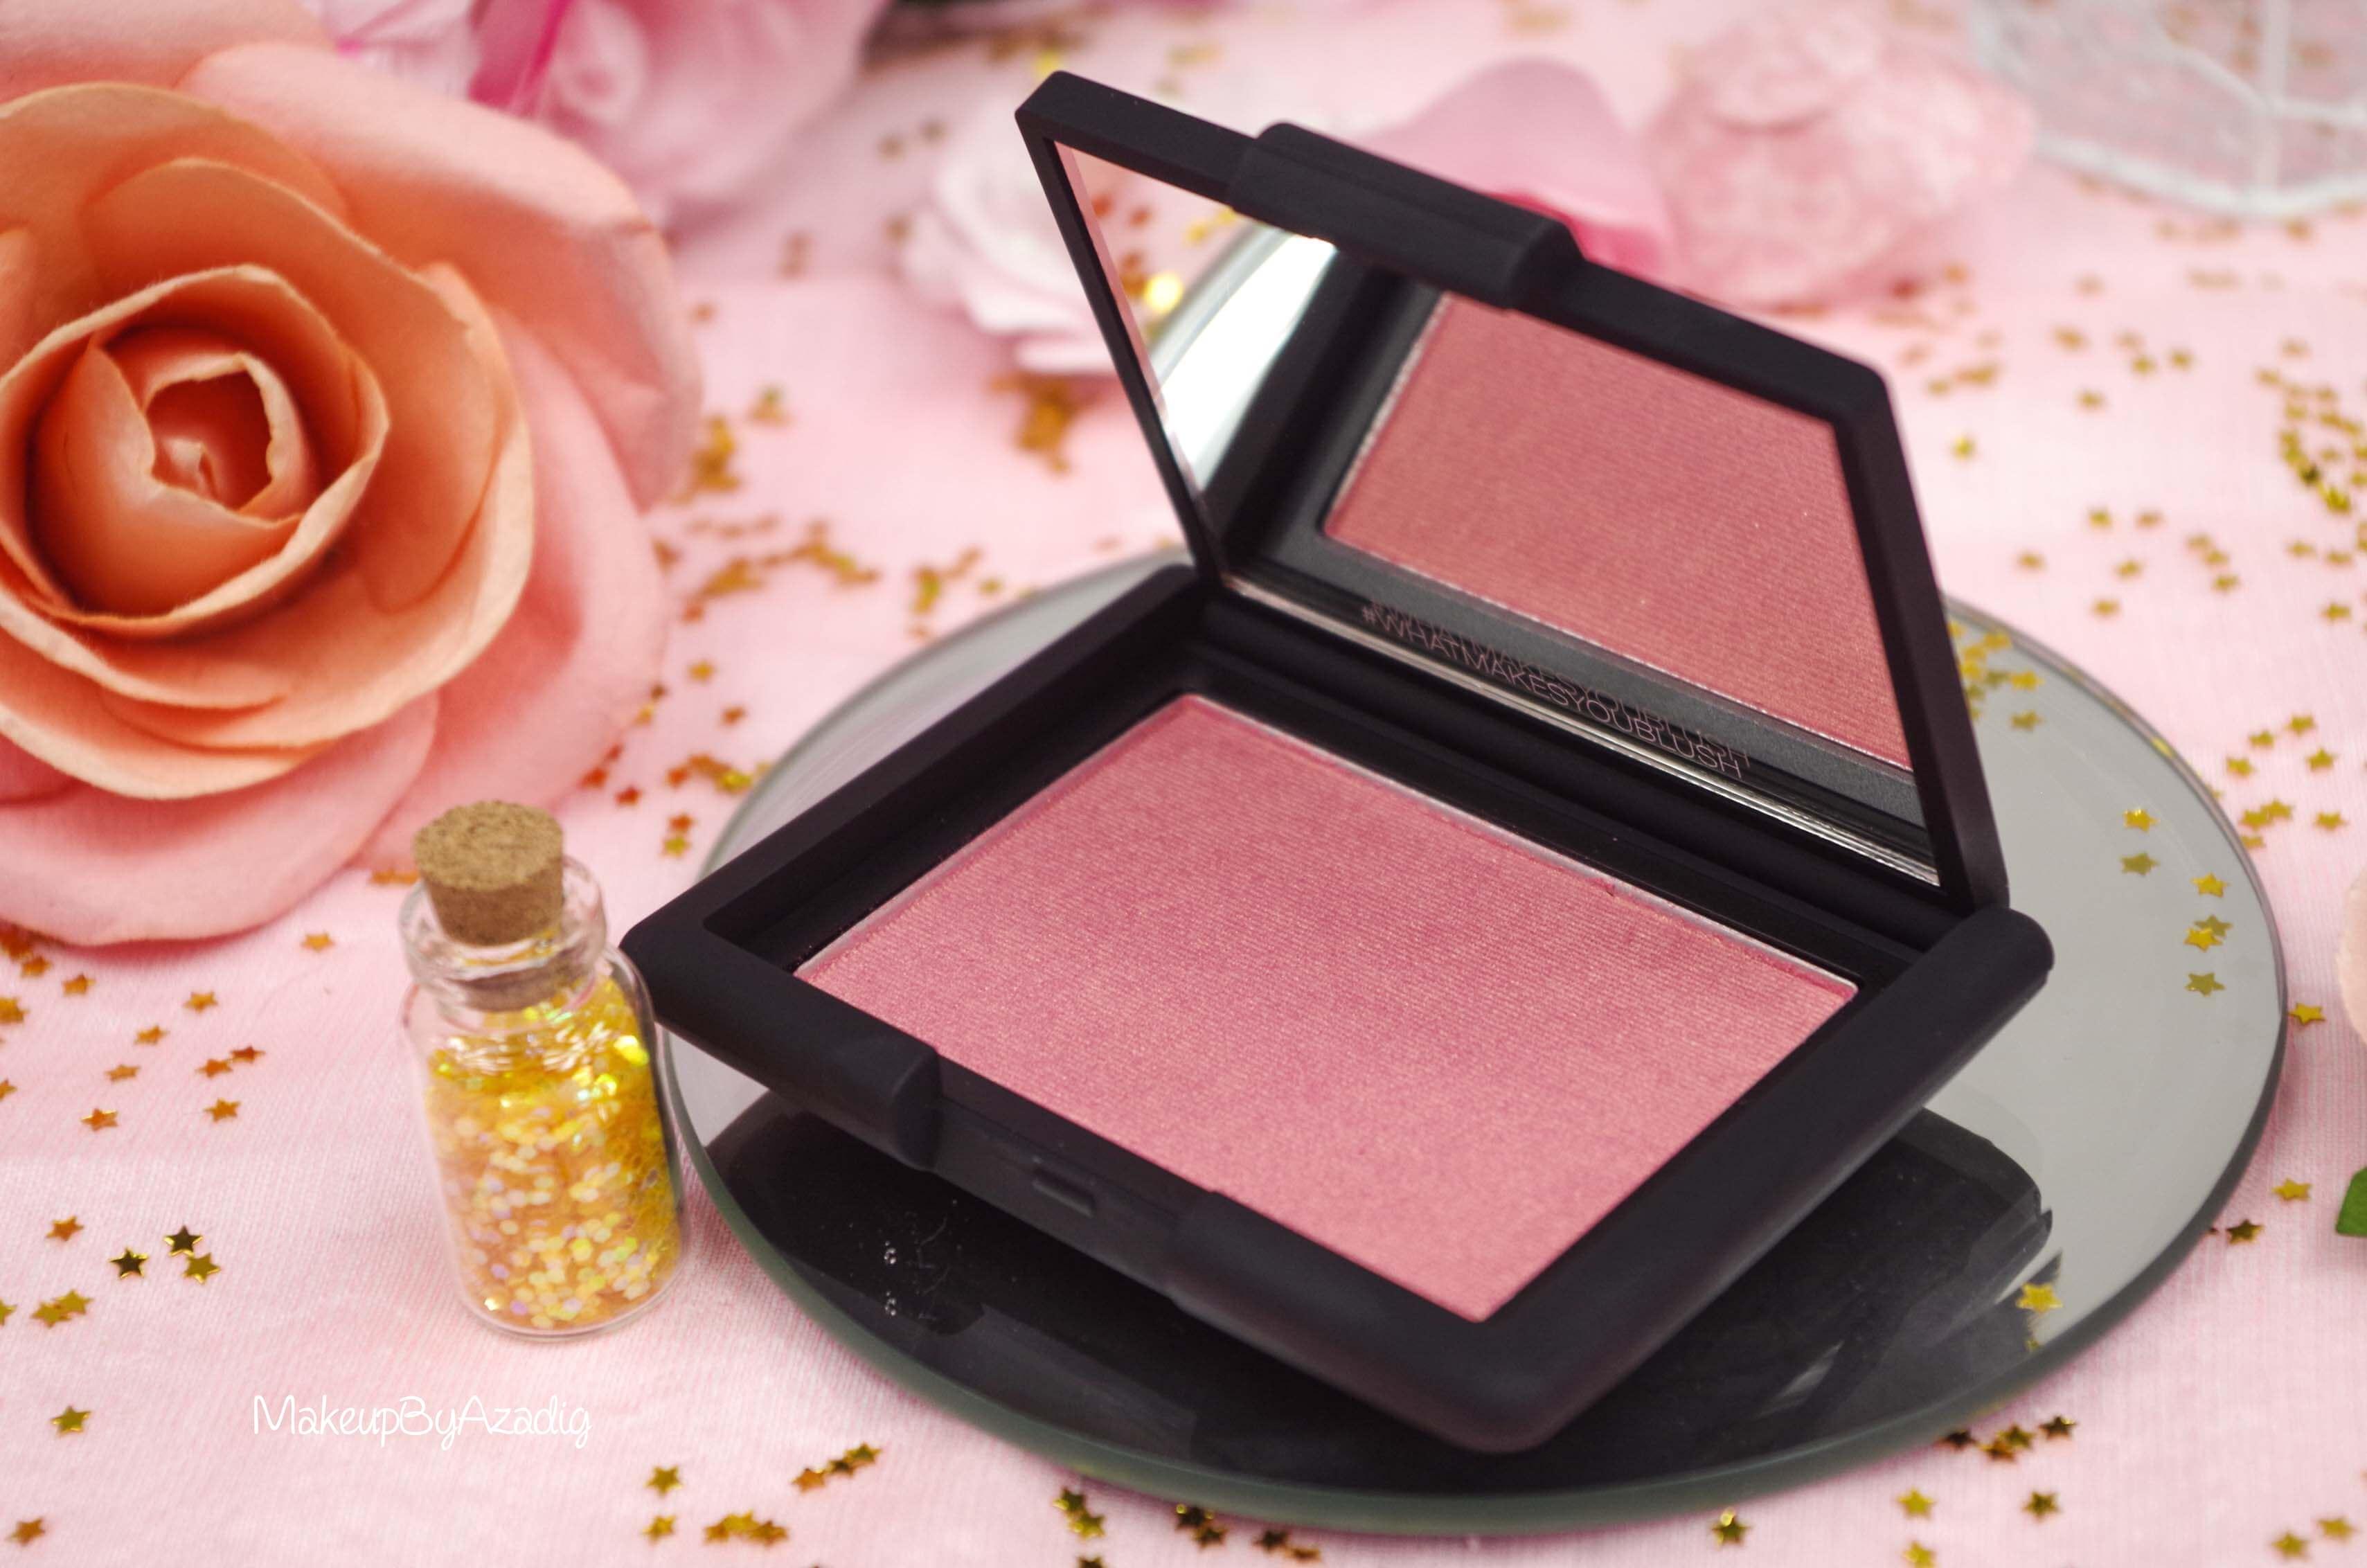 blush-liquide-orgasm-rouge-a-levres-illuminateur-highlighter-rosegold-nars-revue-makeupbyazadig